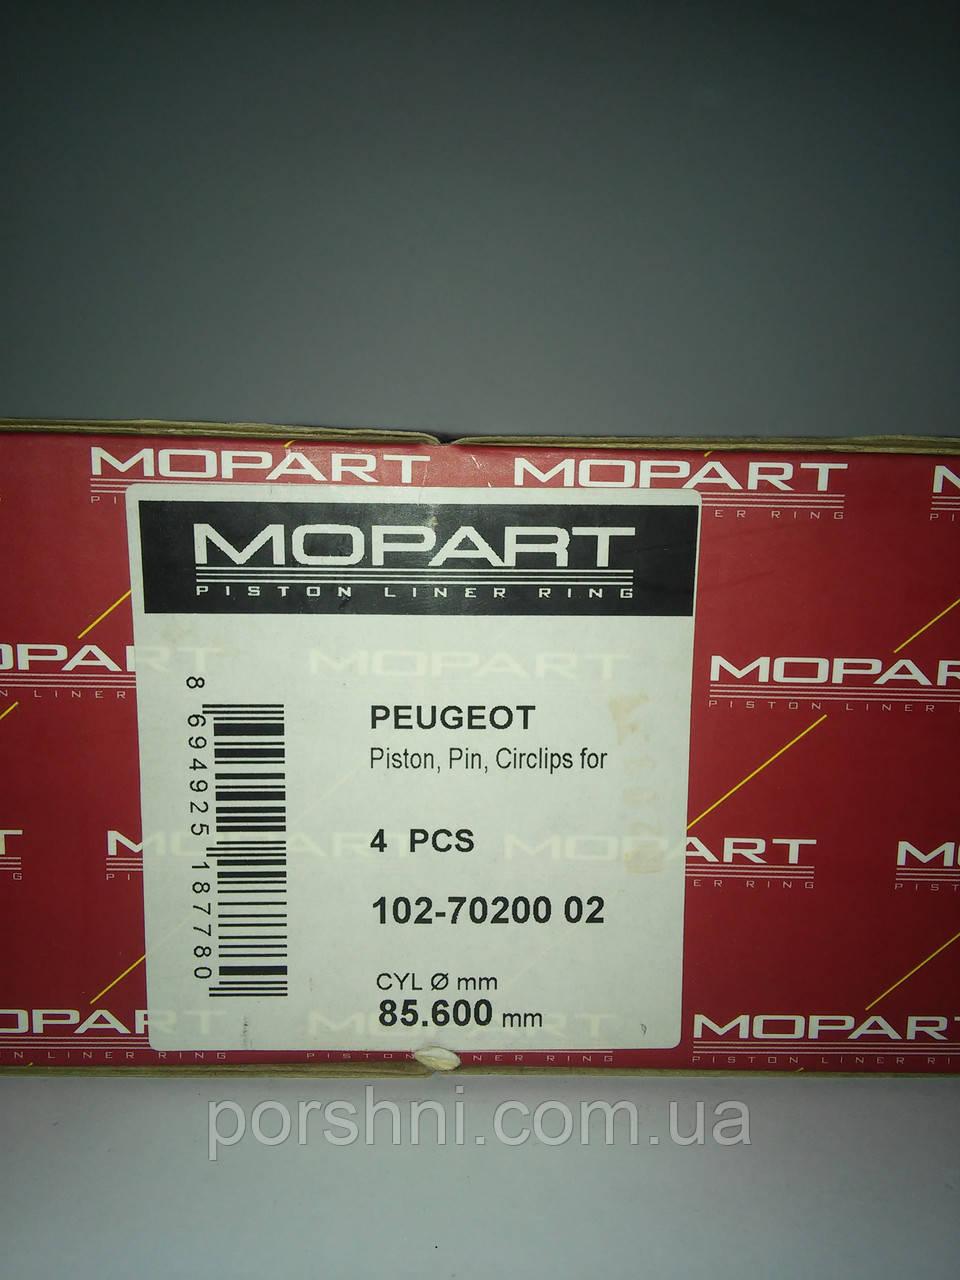 Поршни  Пежо  Boxer 2.2 DW 12  с 2000 > диам 85.6 MOPISAN 7020002